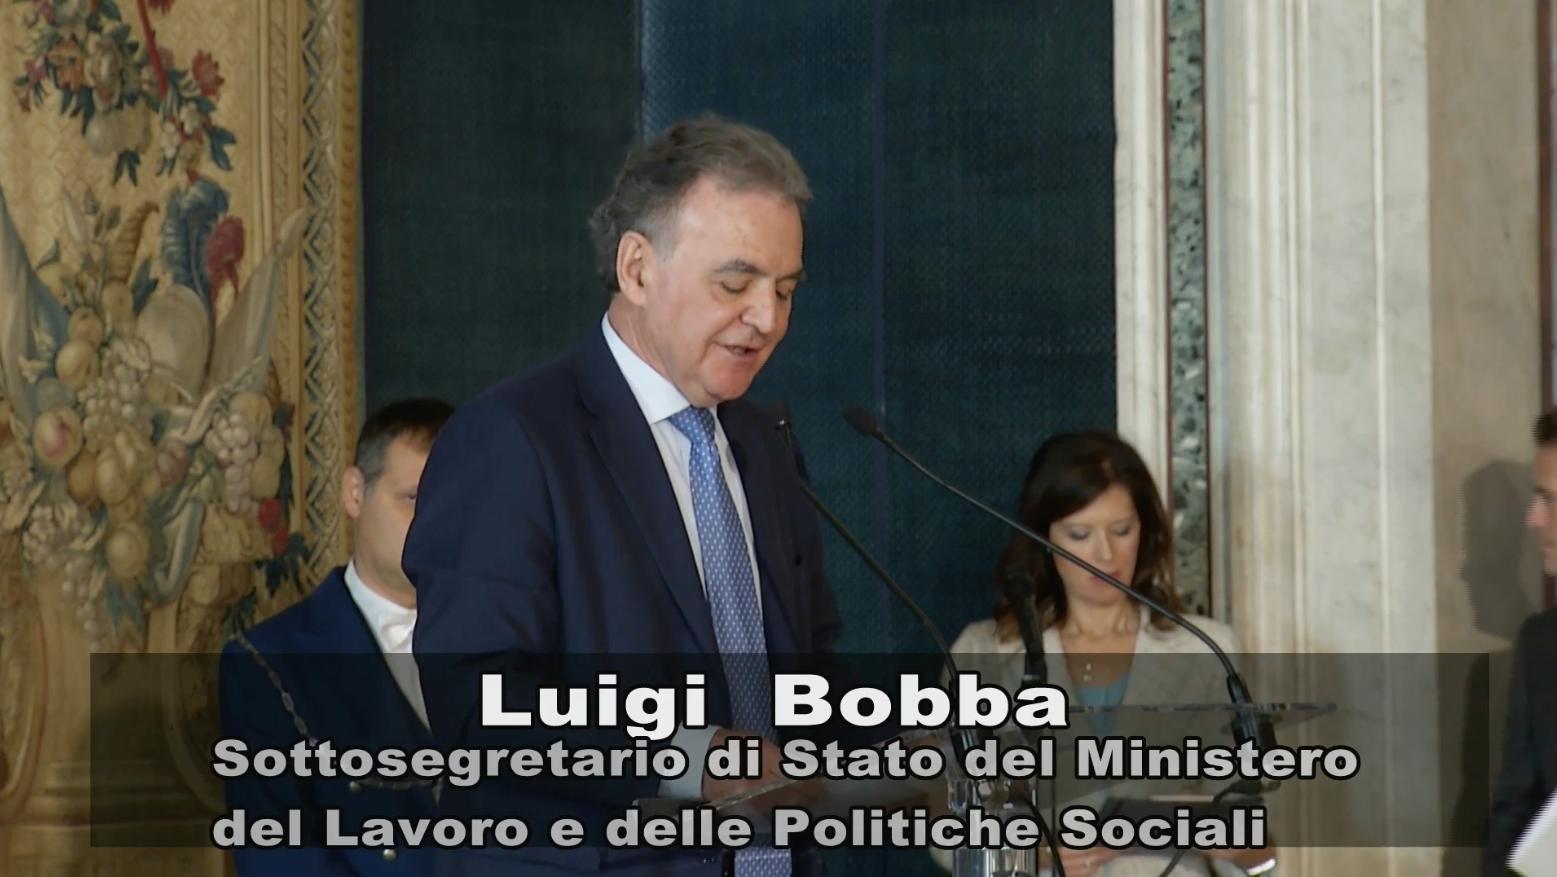 Intervento del Sottosegretario Luigi Bobba alla cerimonia del Primo Maggio 2016 al Quirinale